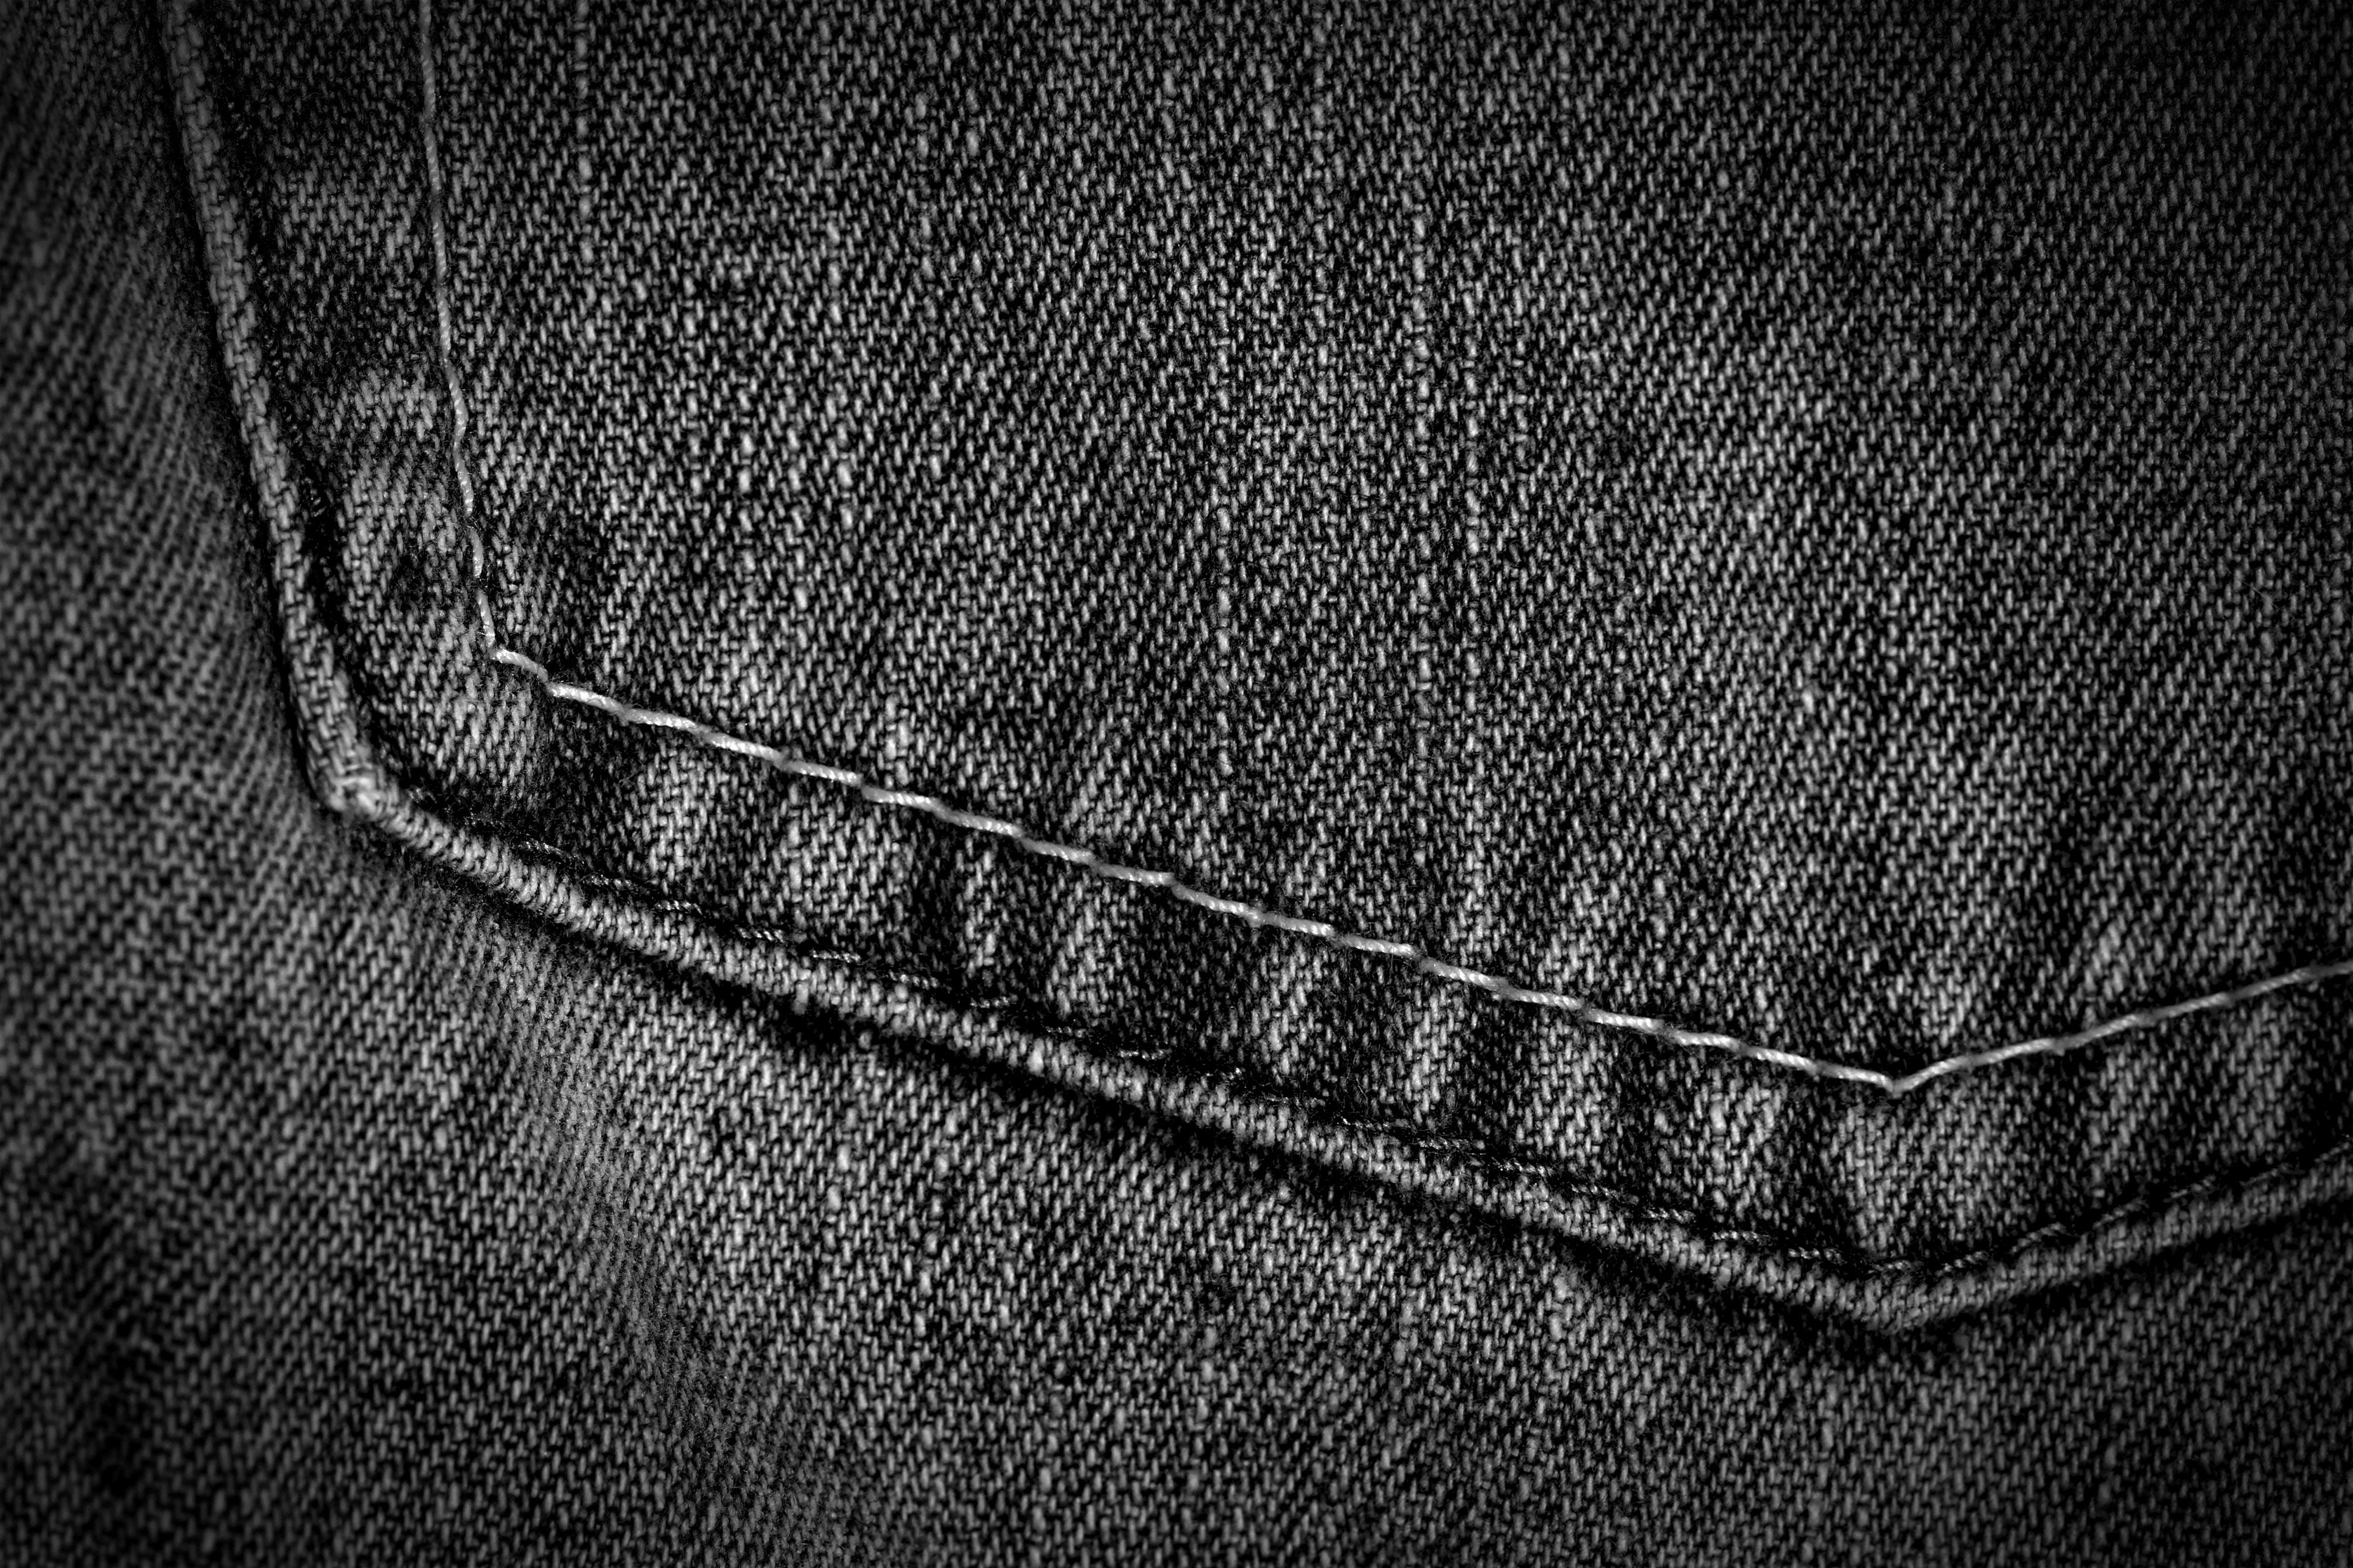 Denim Jeans Widescreen Wallpaper 51474 4000x2666 px ~ HDWallSource.com